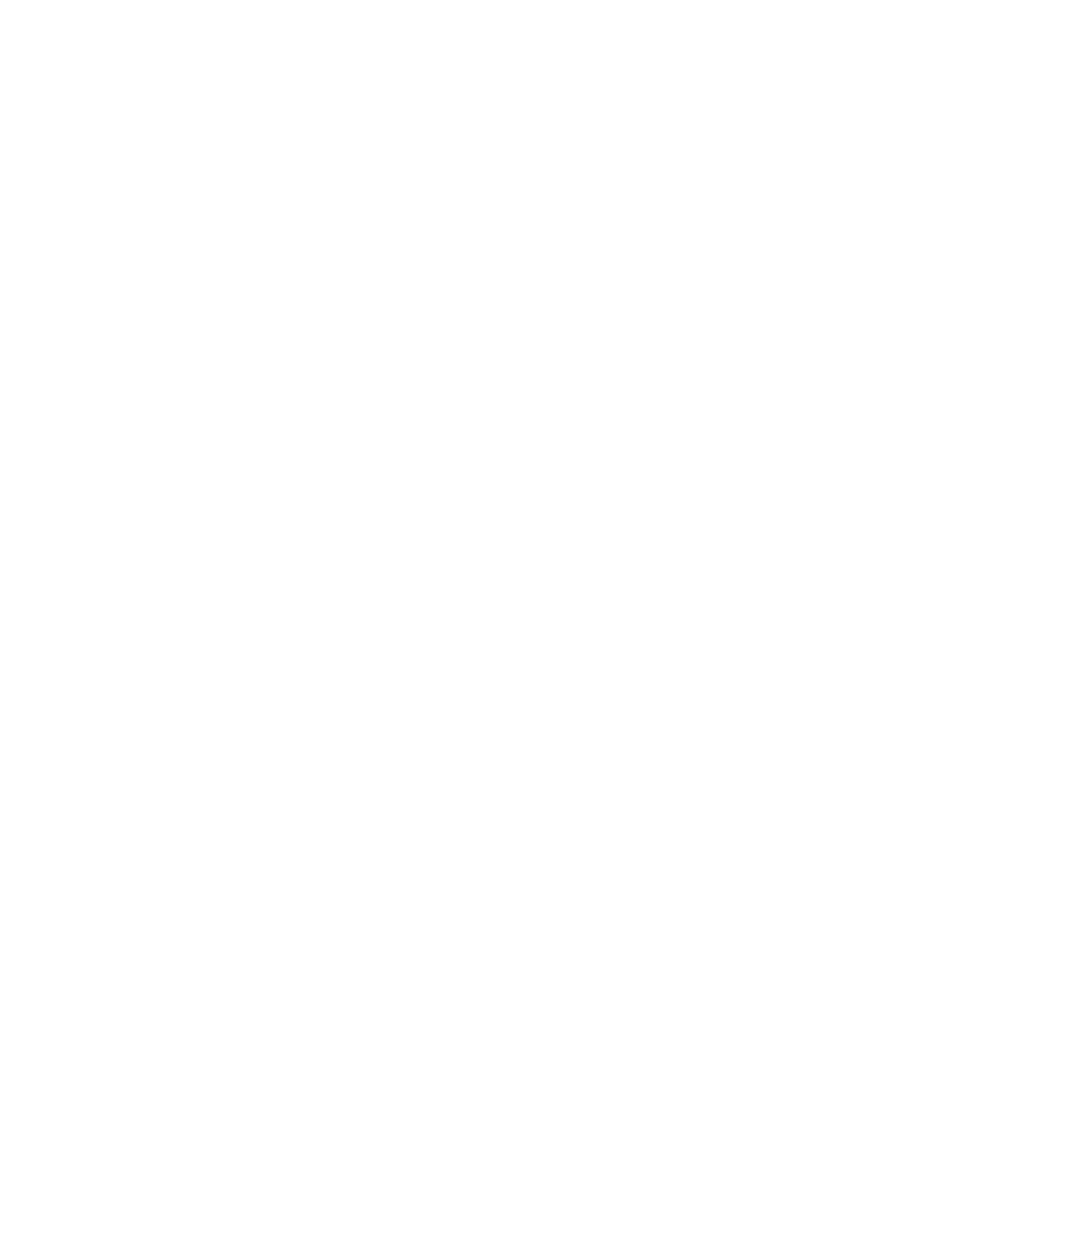 mapa004_en